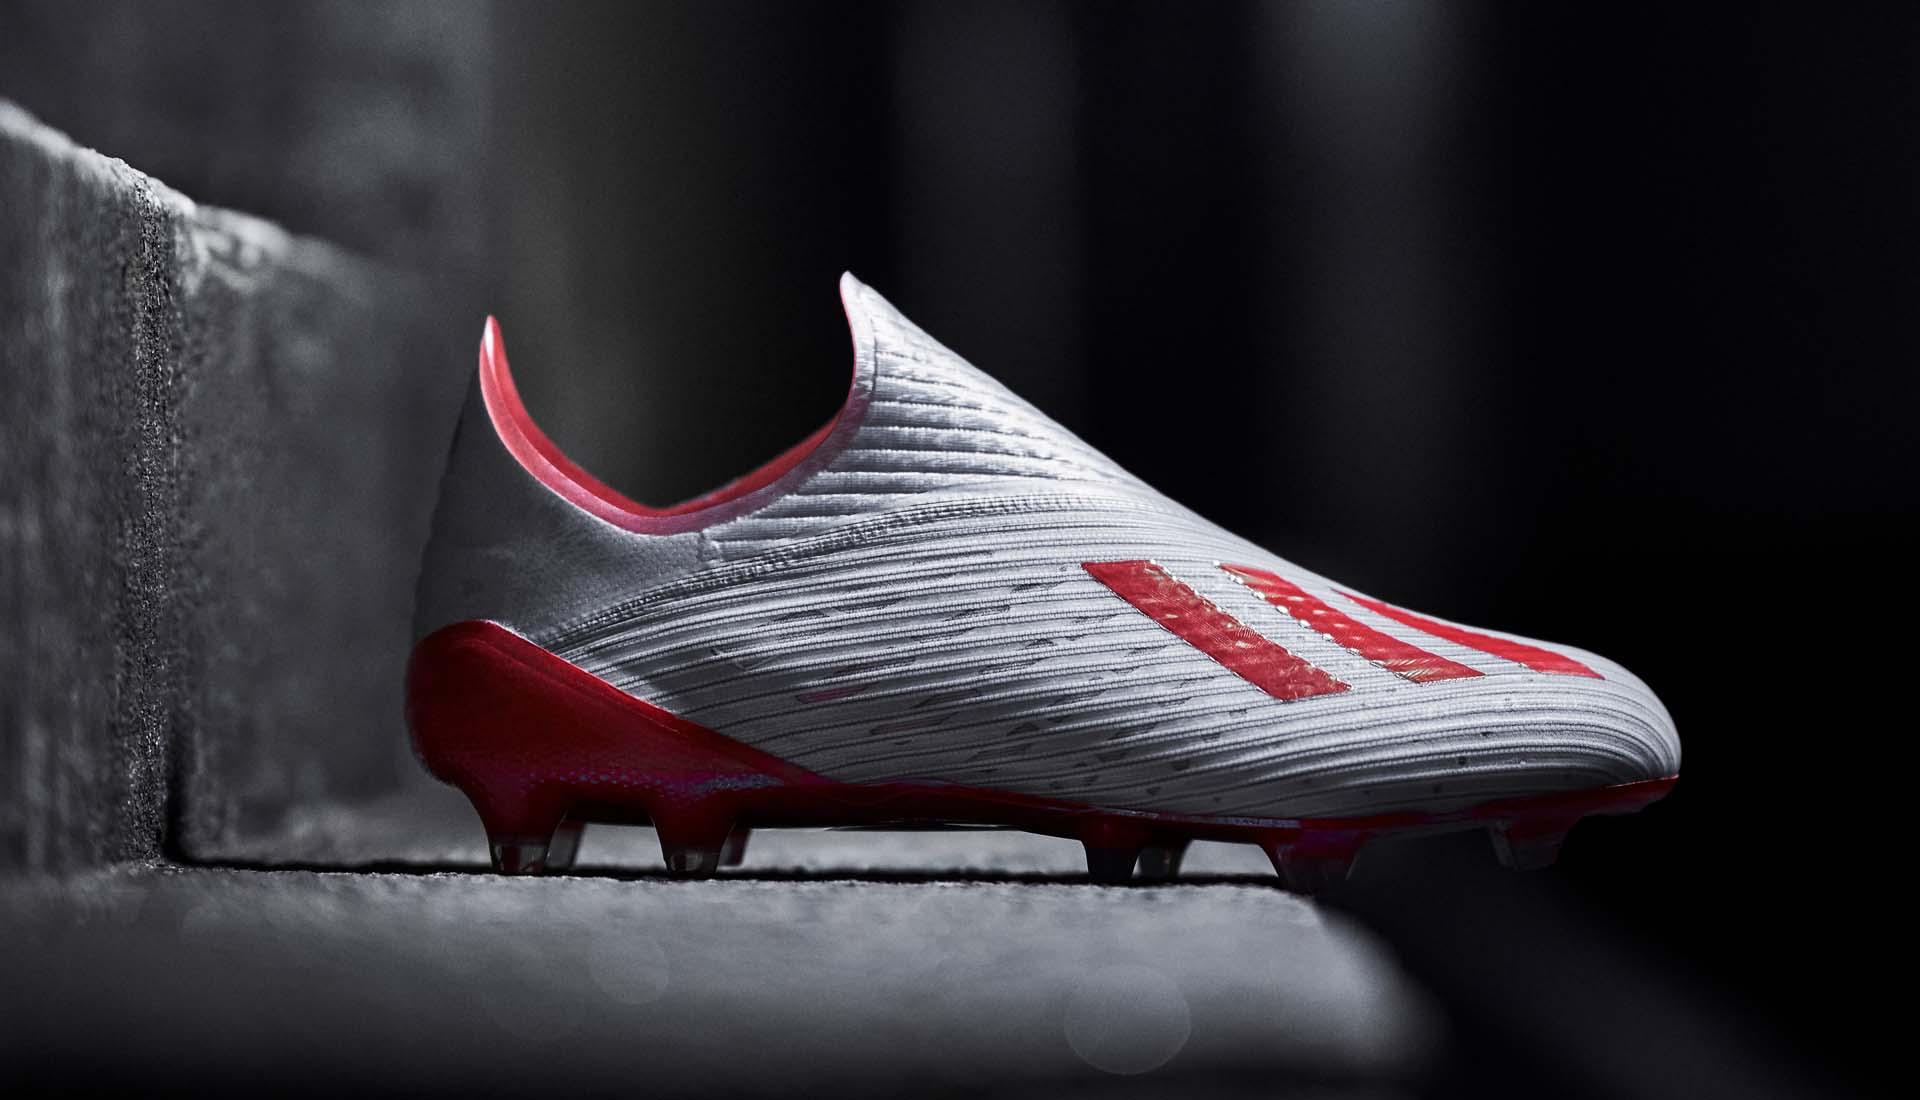 Adidas X đứng vị trí thứ 2 với 75 cầu thủ tin dùng